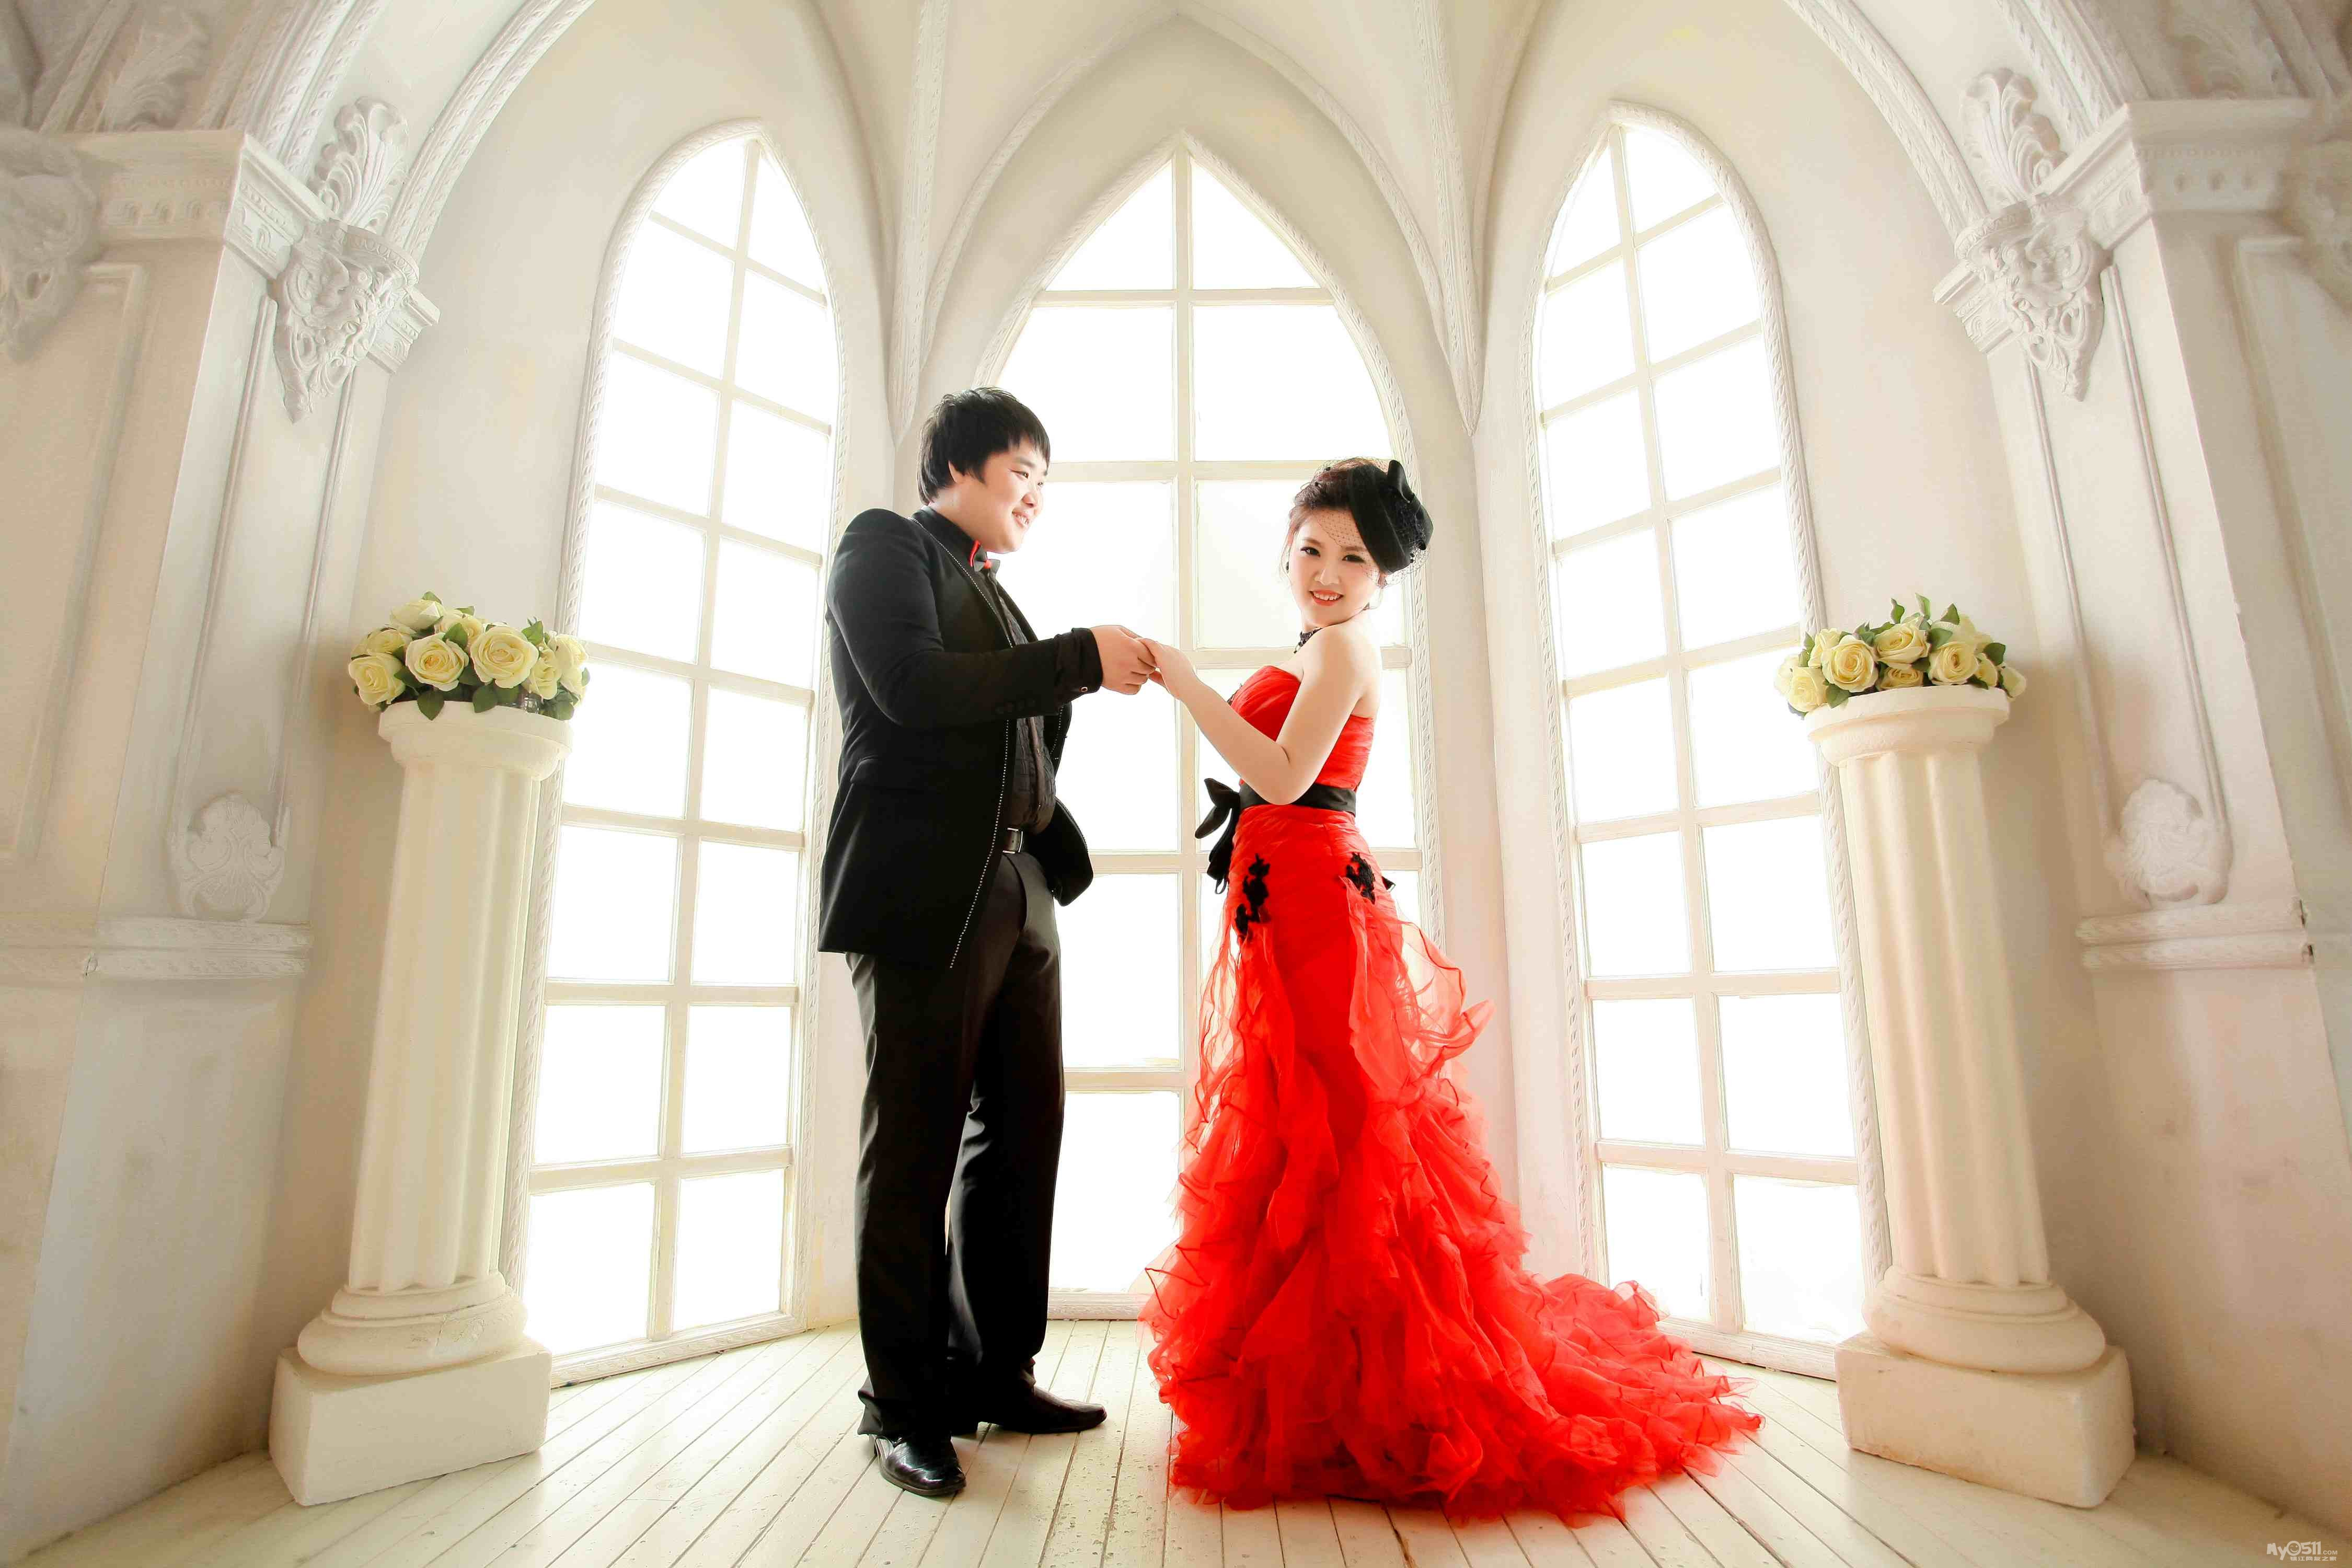 结婚_婚礼 婚纱 婚纱照 结婚 4500_3000